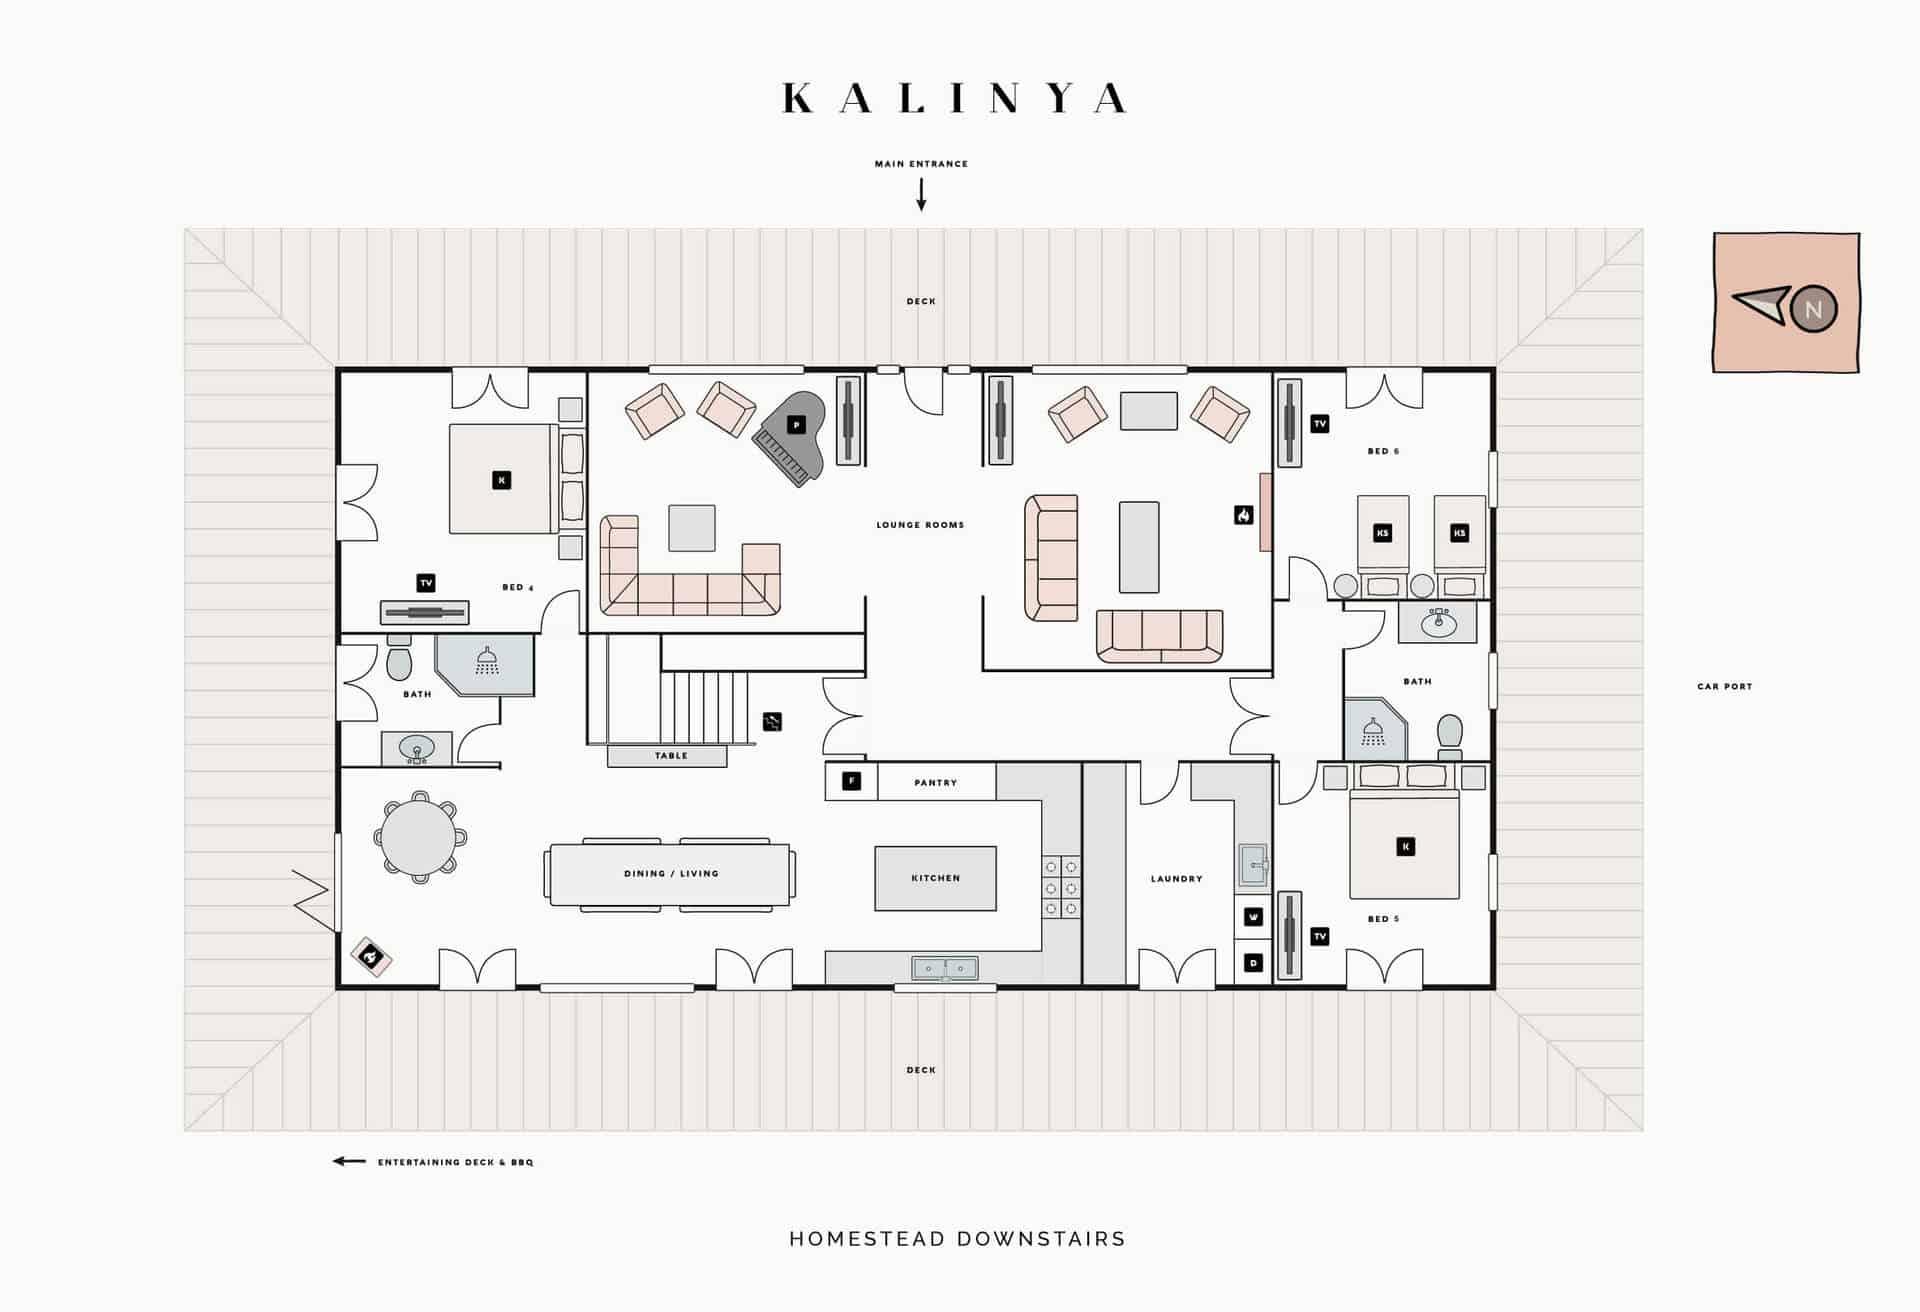 homestead downstairs floorplan